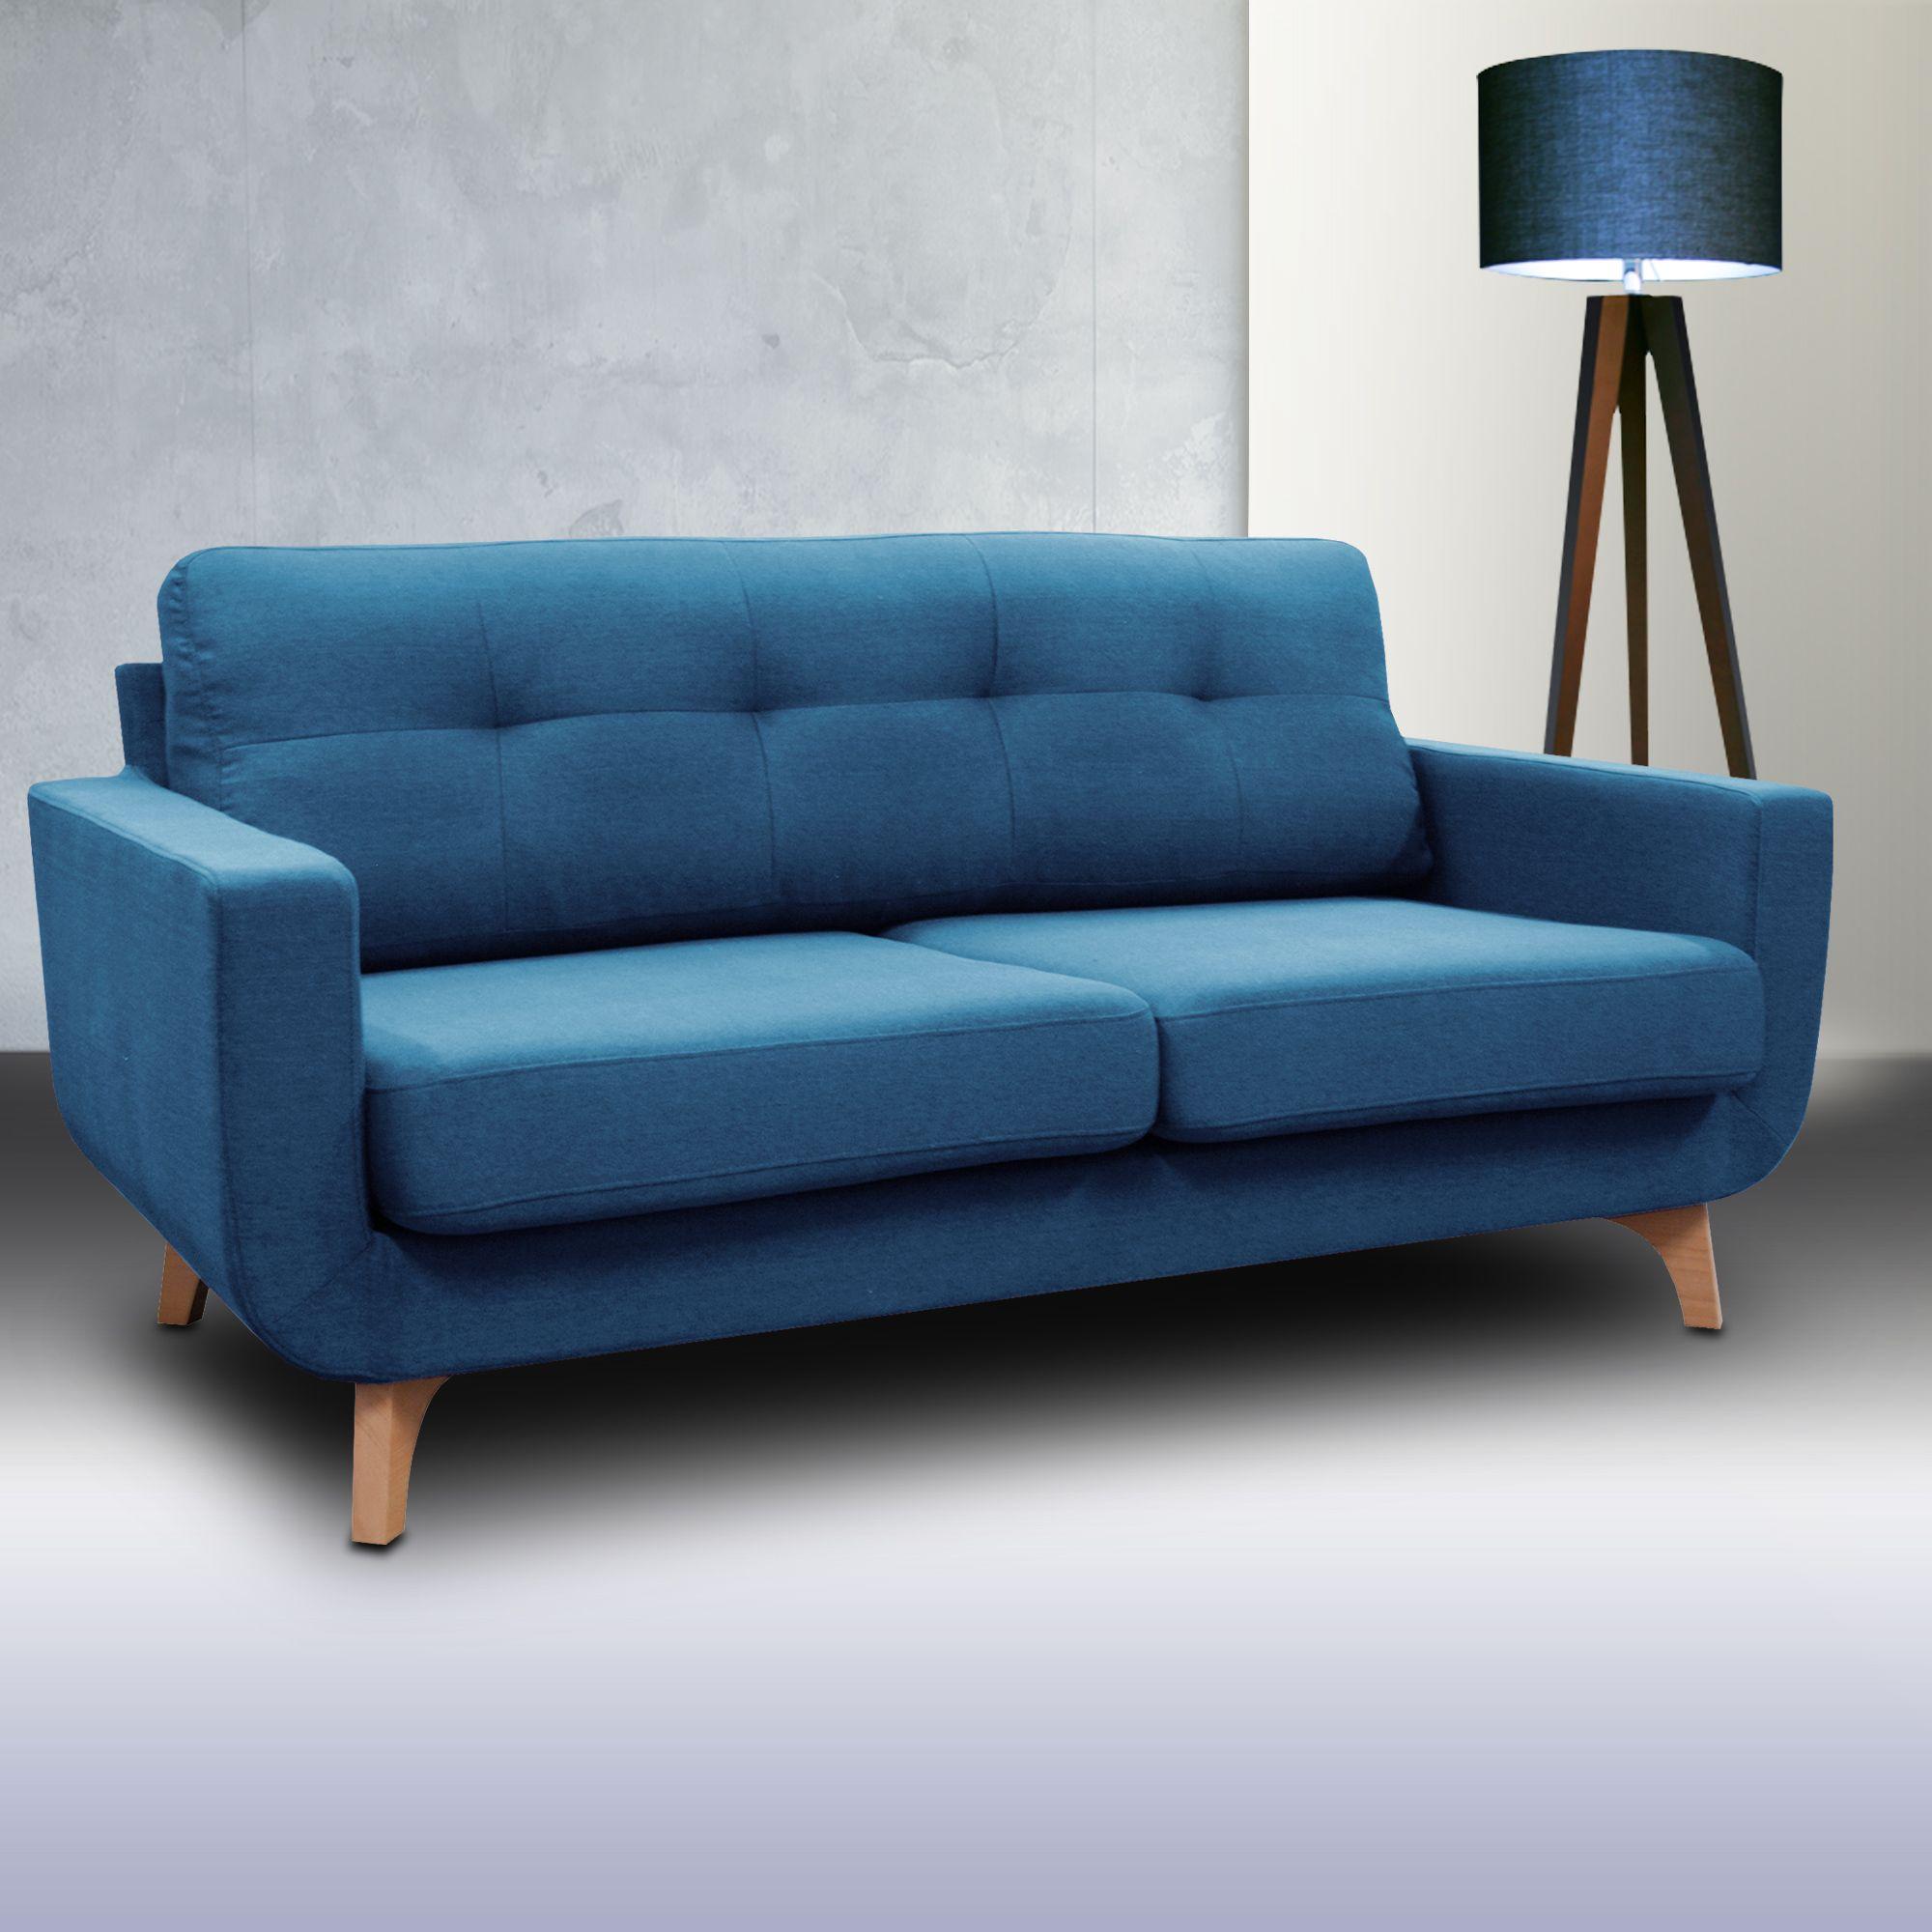 recherche canap top recherche canap pas cher with. Black Bedroom Furniture Sets. Home Design Ideas